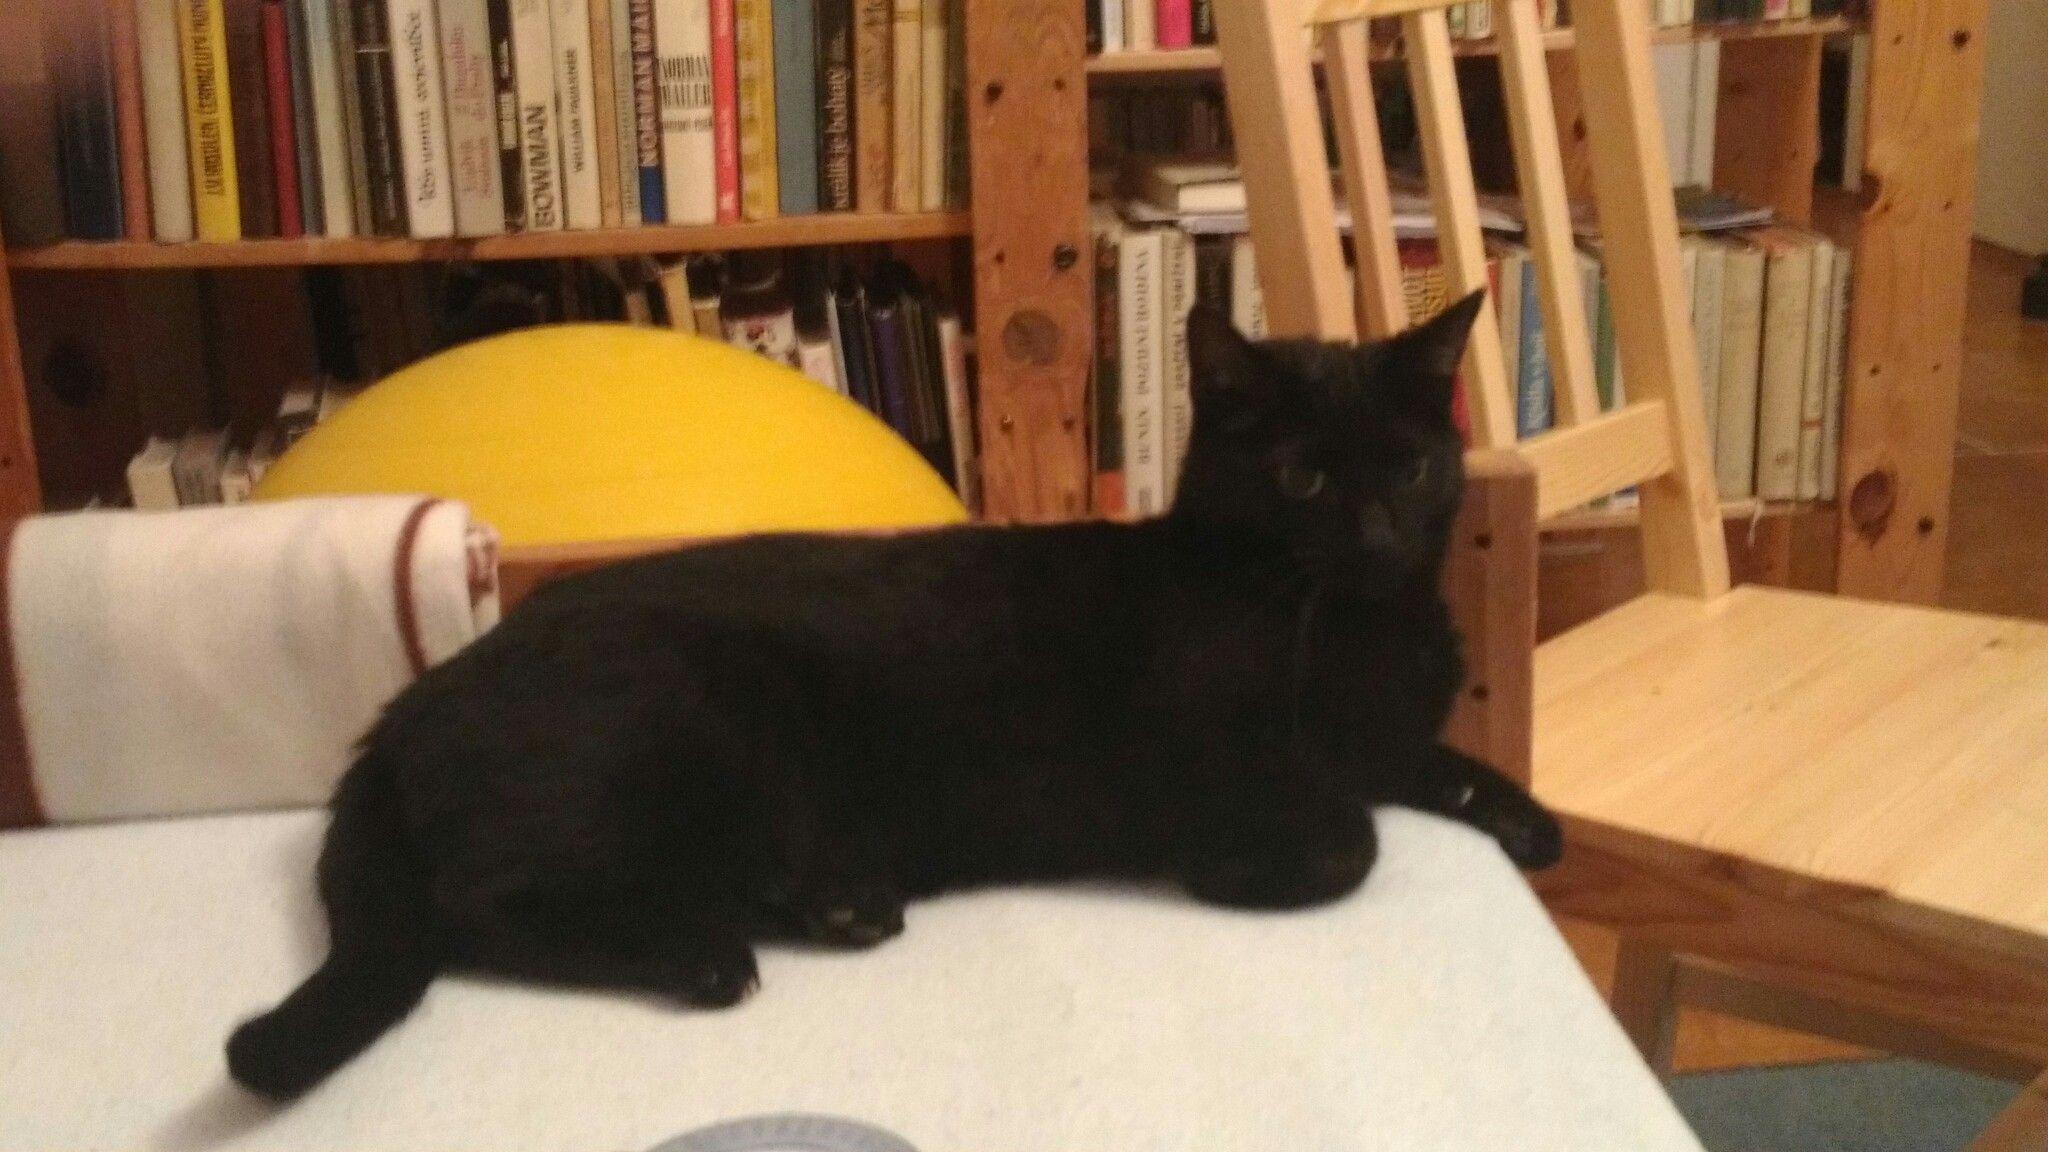 My tomcat...